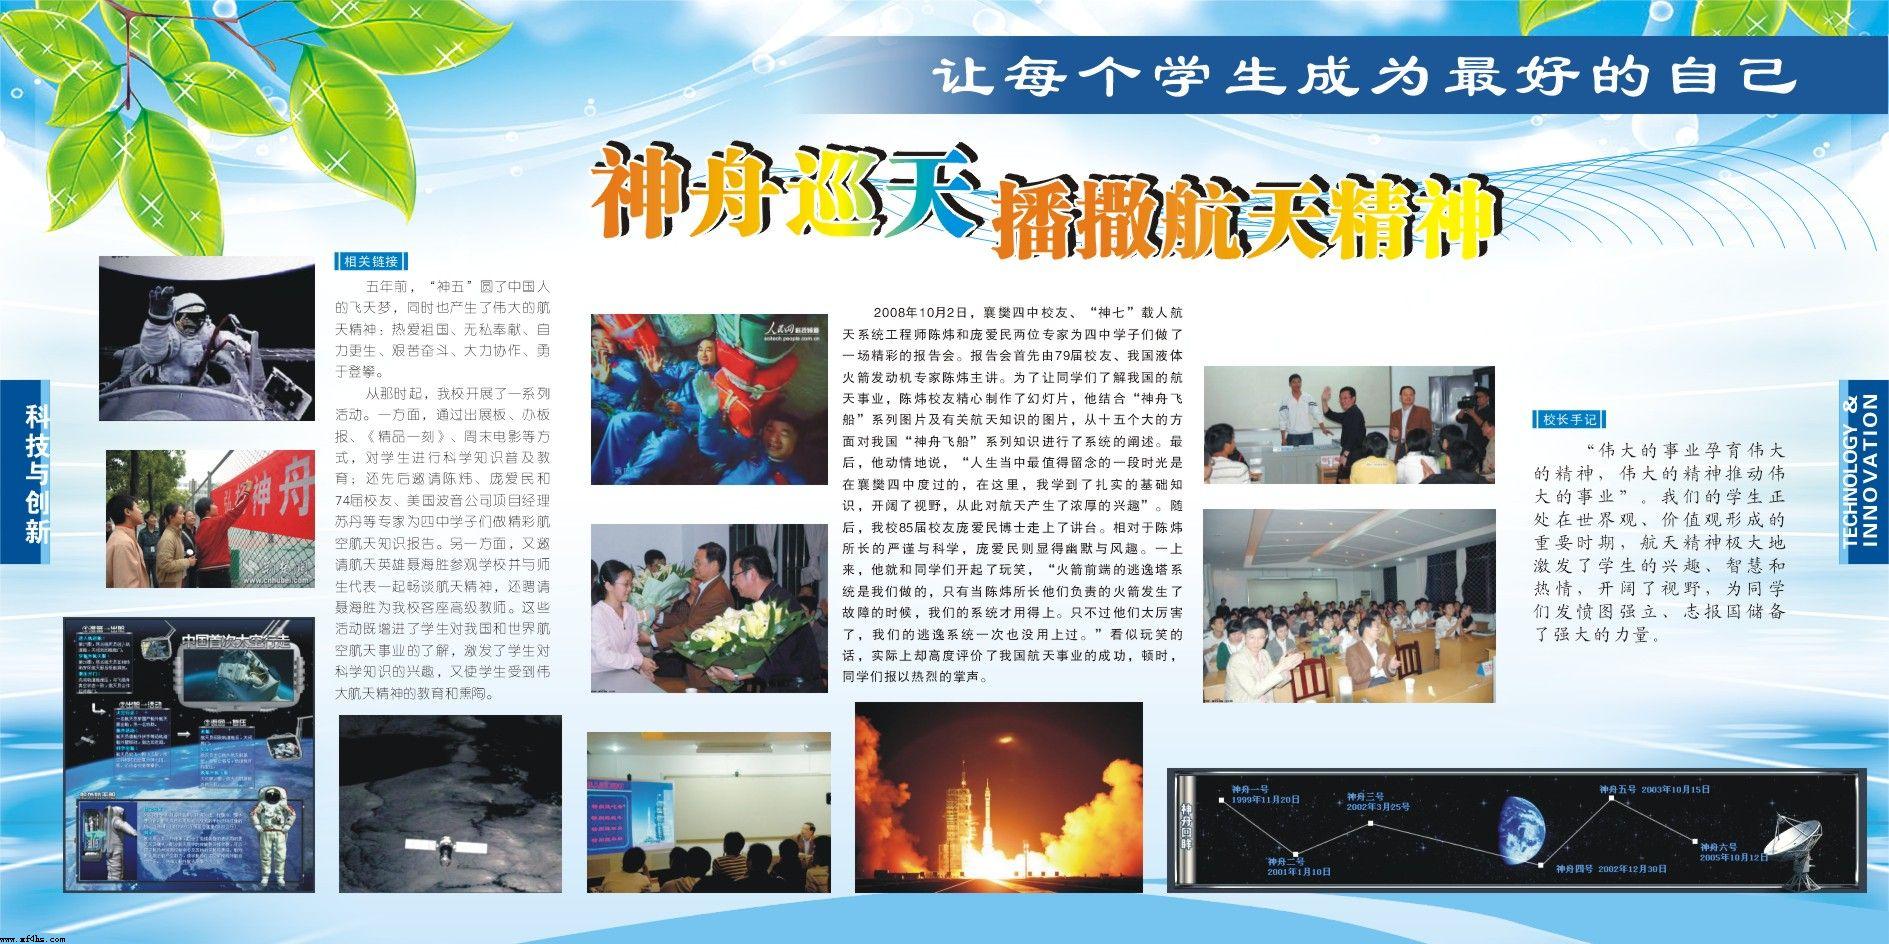 """以下图片是""""校园文化长廊-科技与创新""""系列展板"""